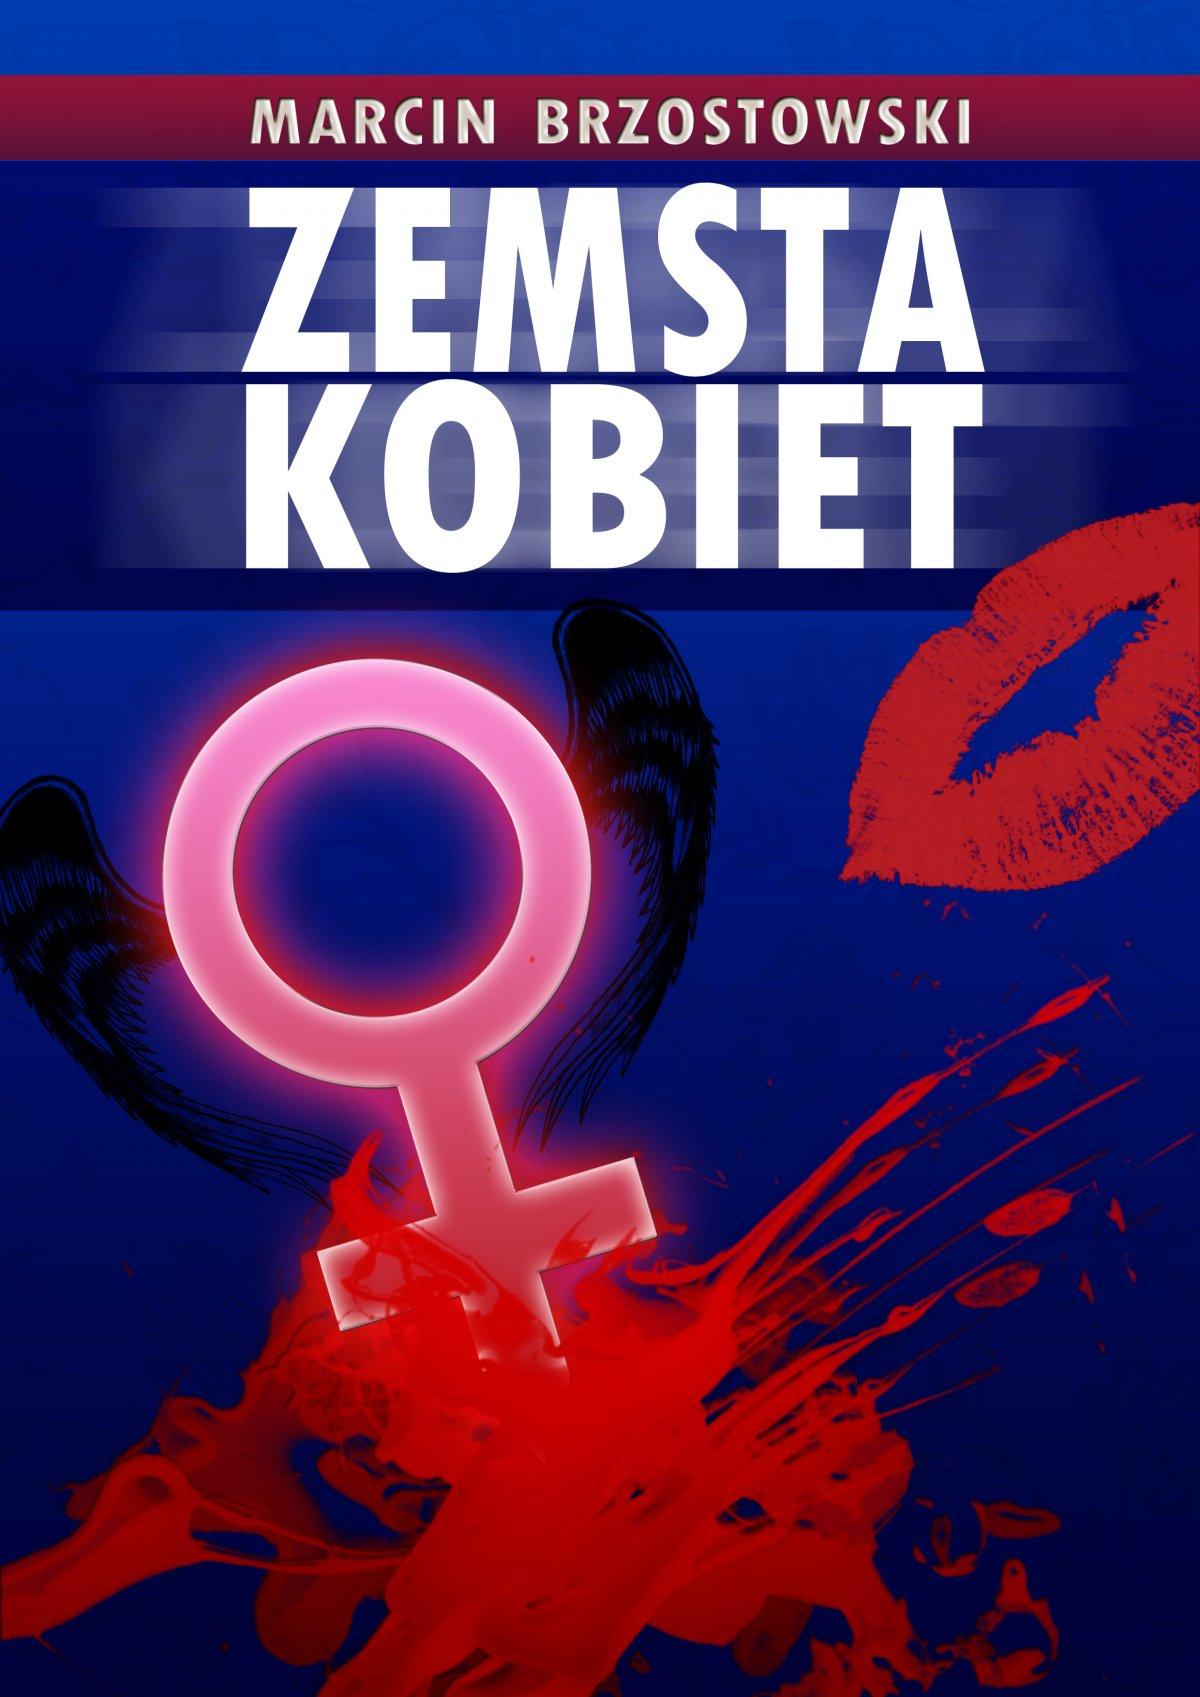 Zemsta kobiet - Ebook (Książka EPUB) do pobrania w formacie EPUB